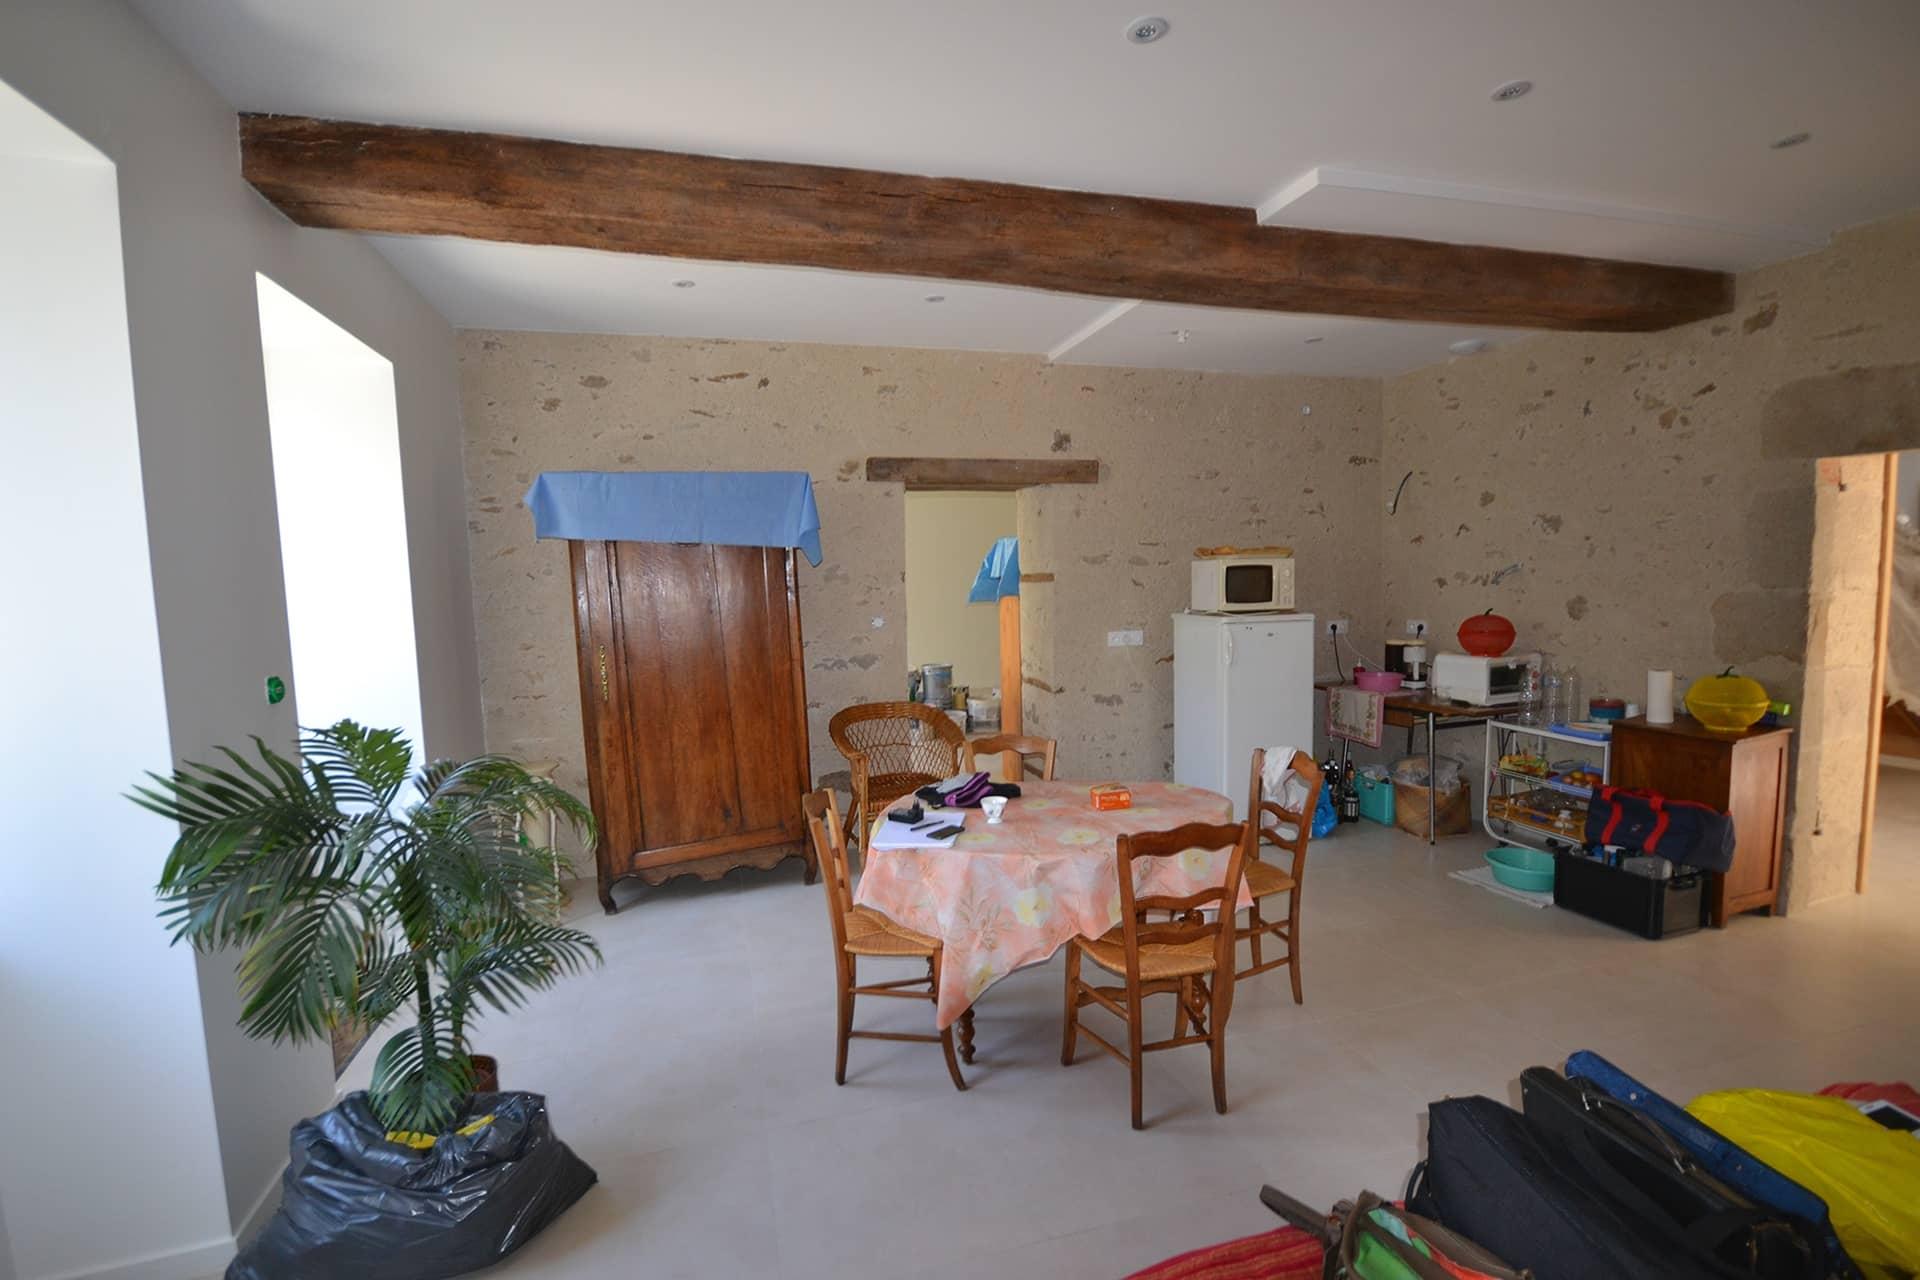 vue interieure maison bourgeoise a lege - Rénovation d'une maison bourgeoise à Legé (44)